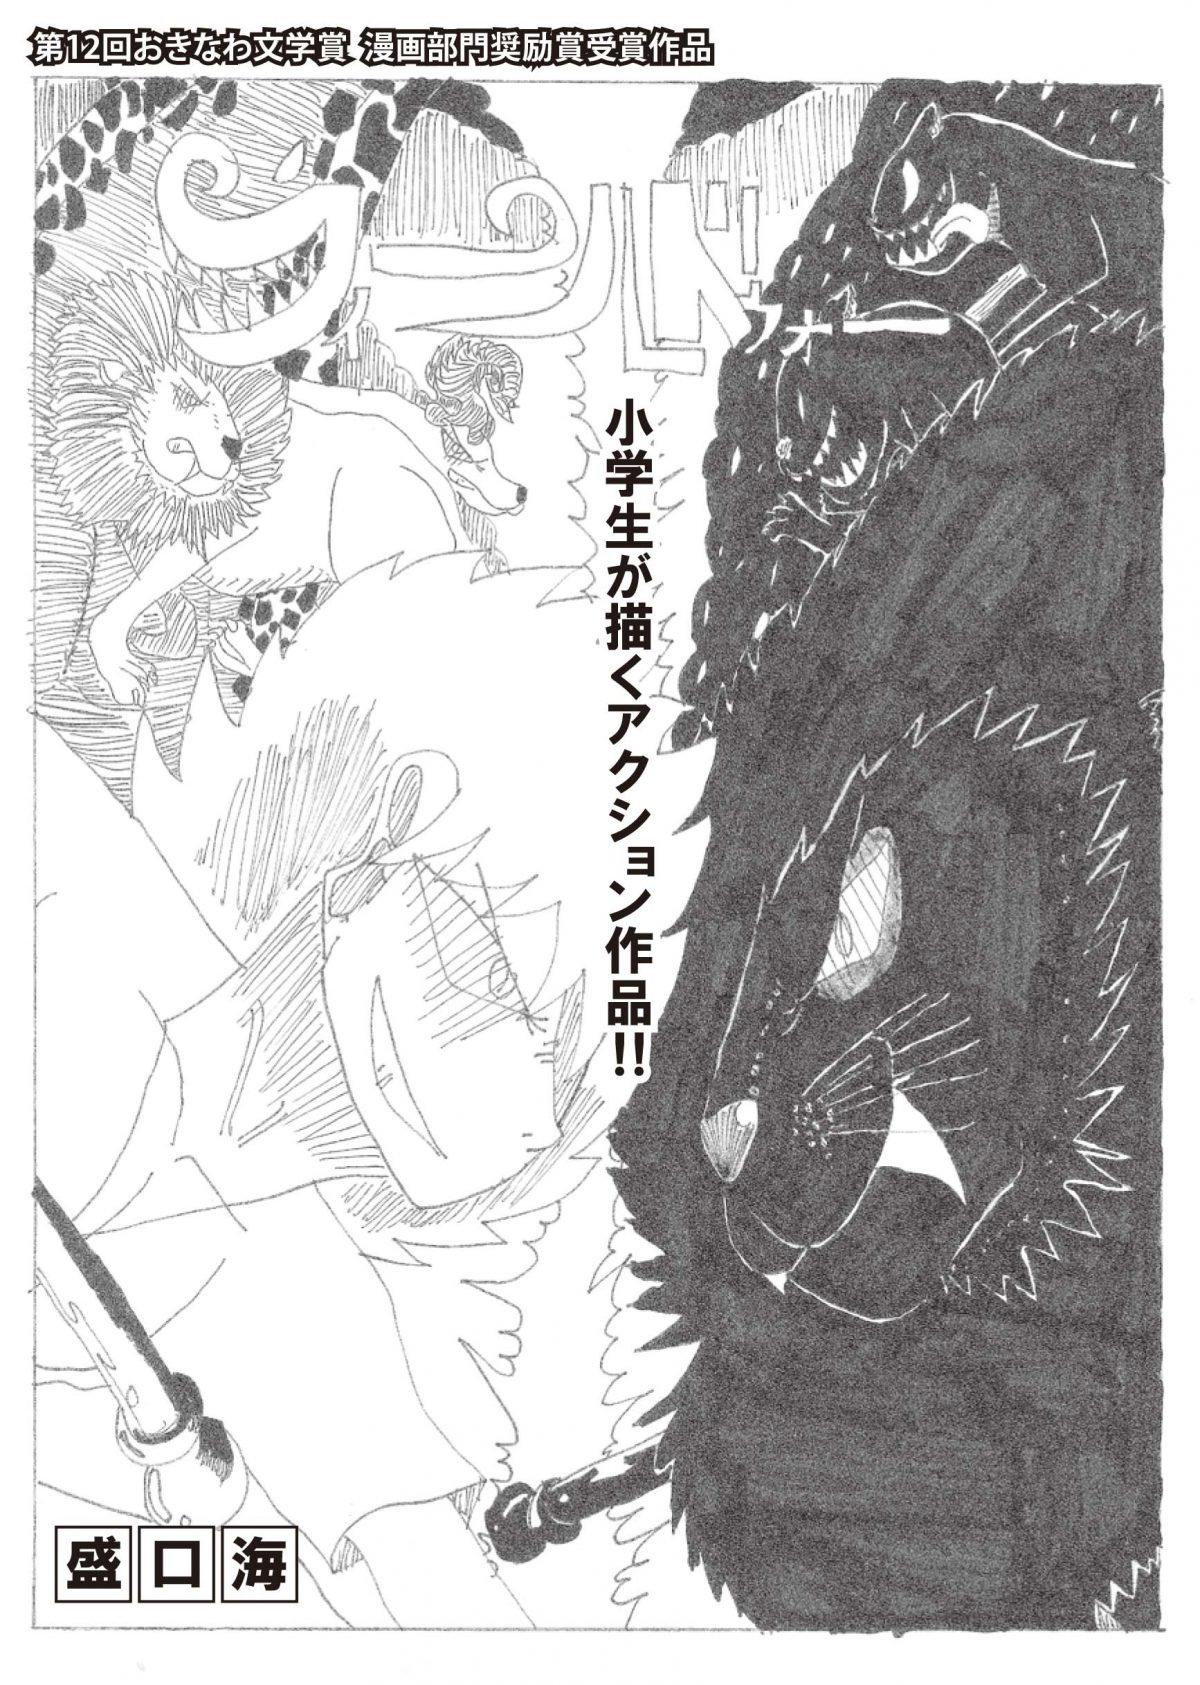 第12回おきなわ文学賞漫画部門奨励賞受賞作品 フィールドウォー